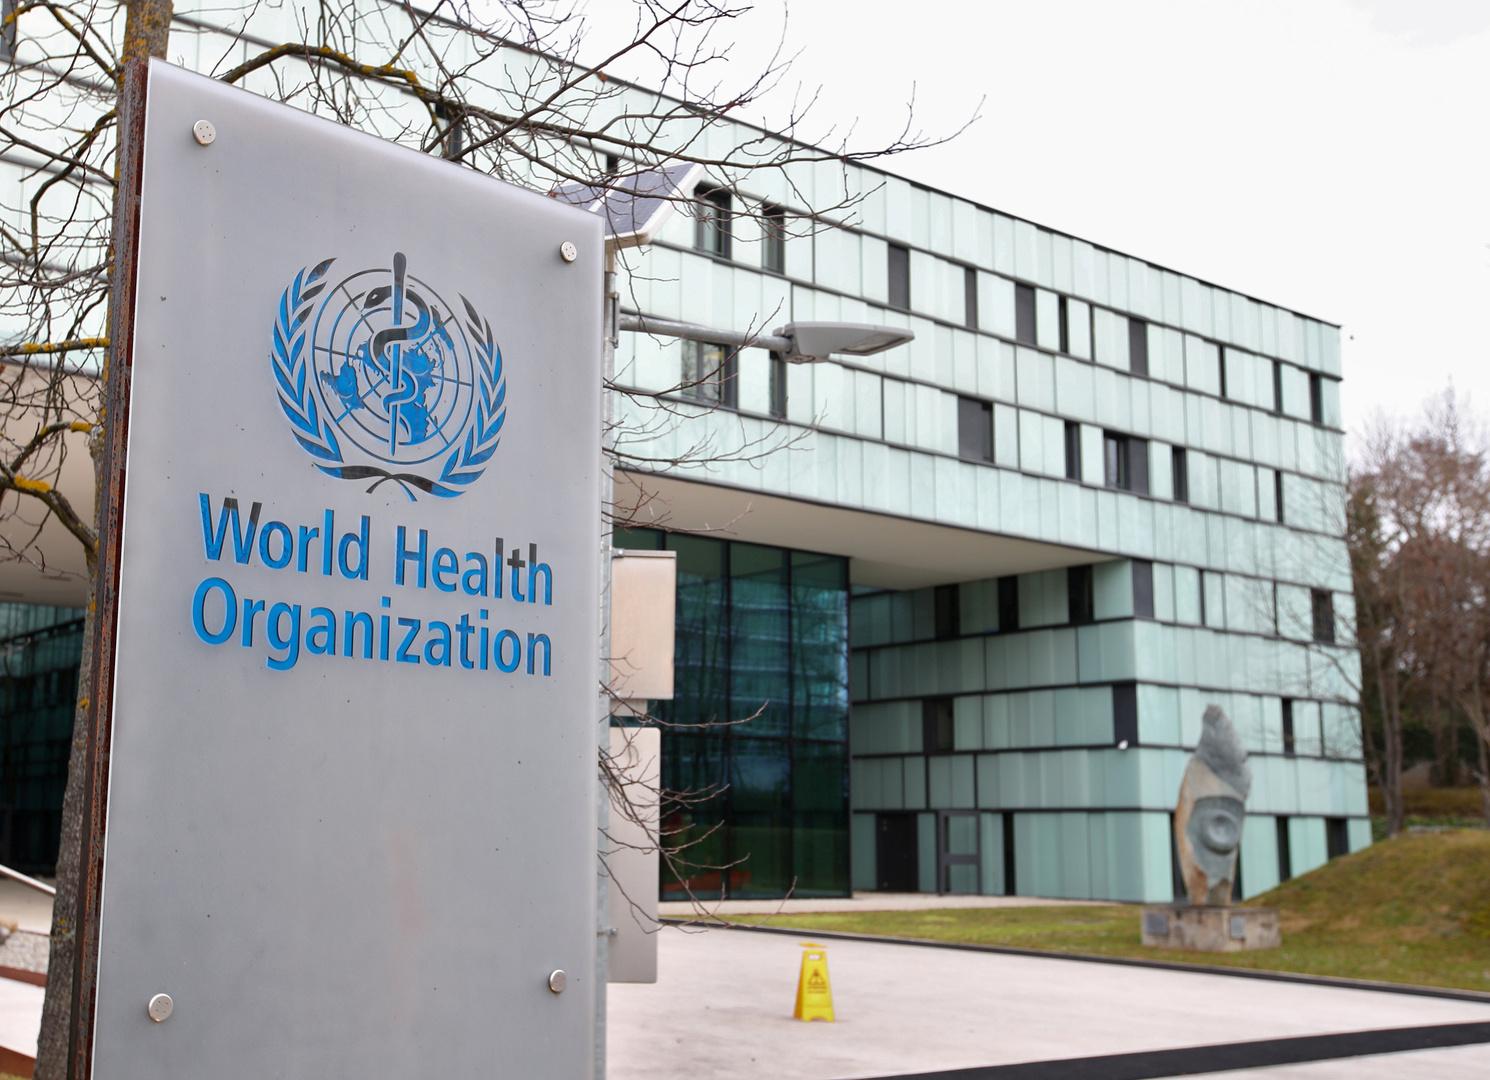 الصحة العالمية: هناك بوادر للانتصار على كورونا هذا العام